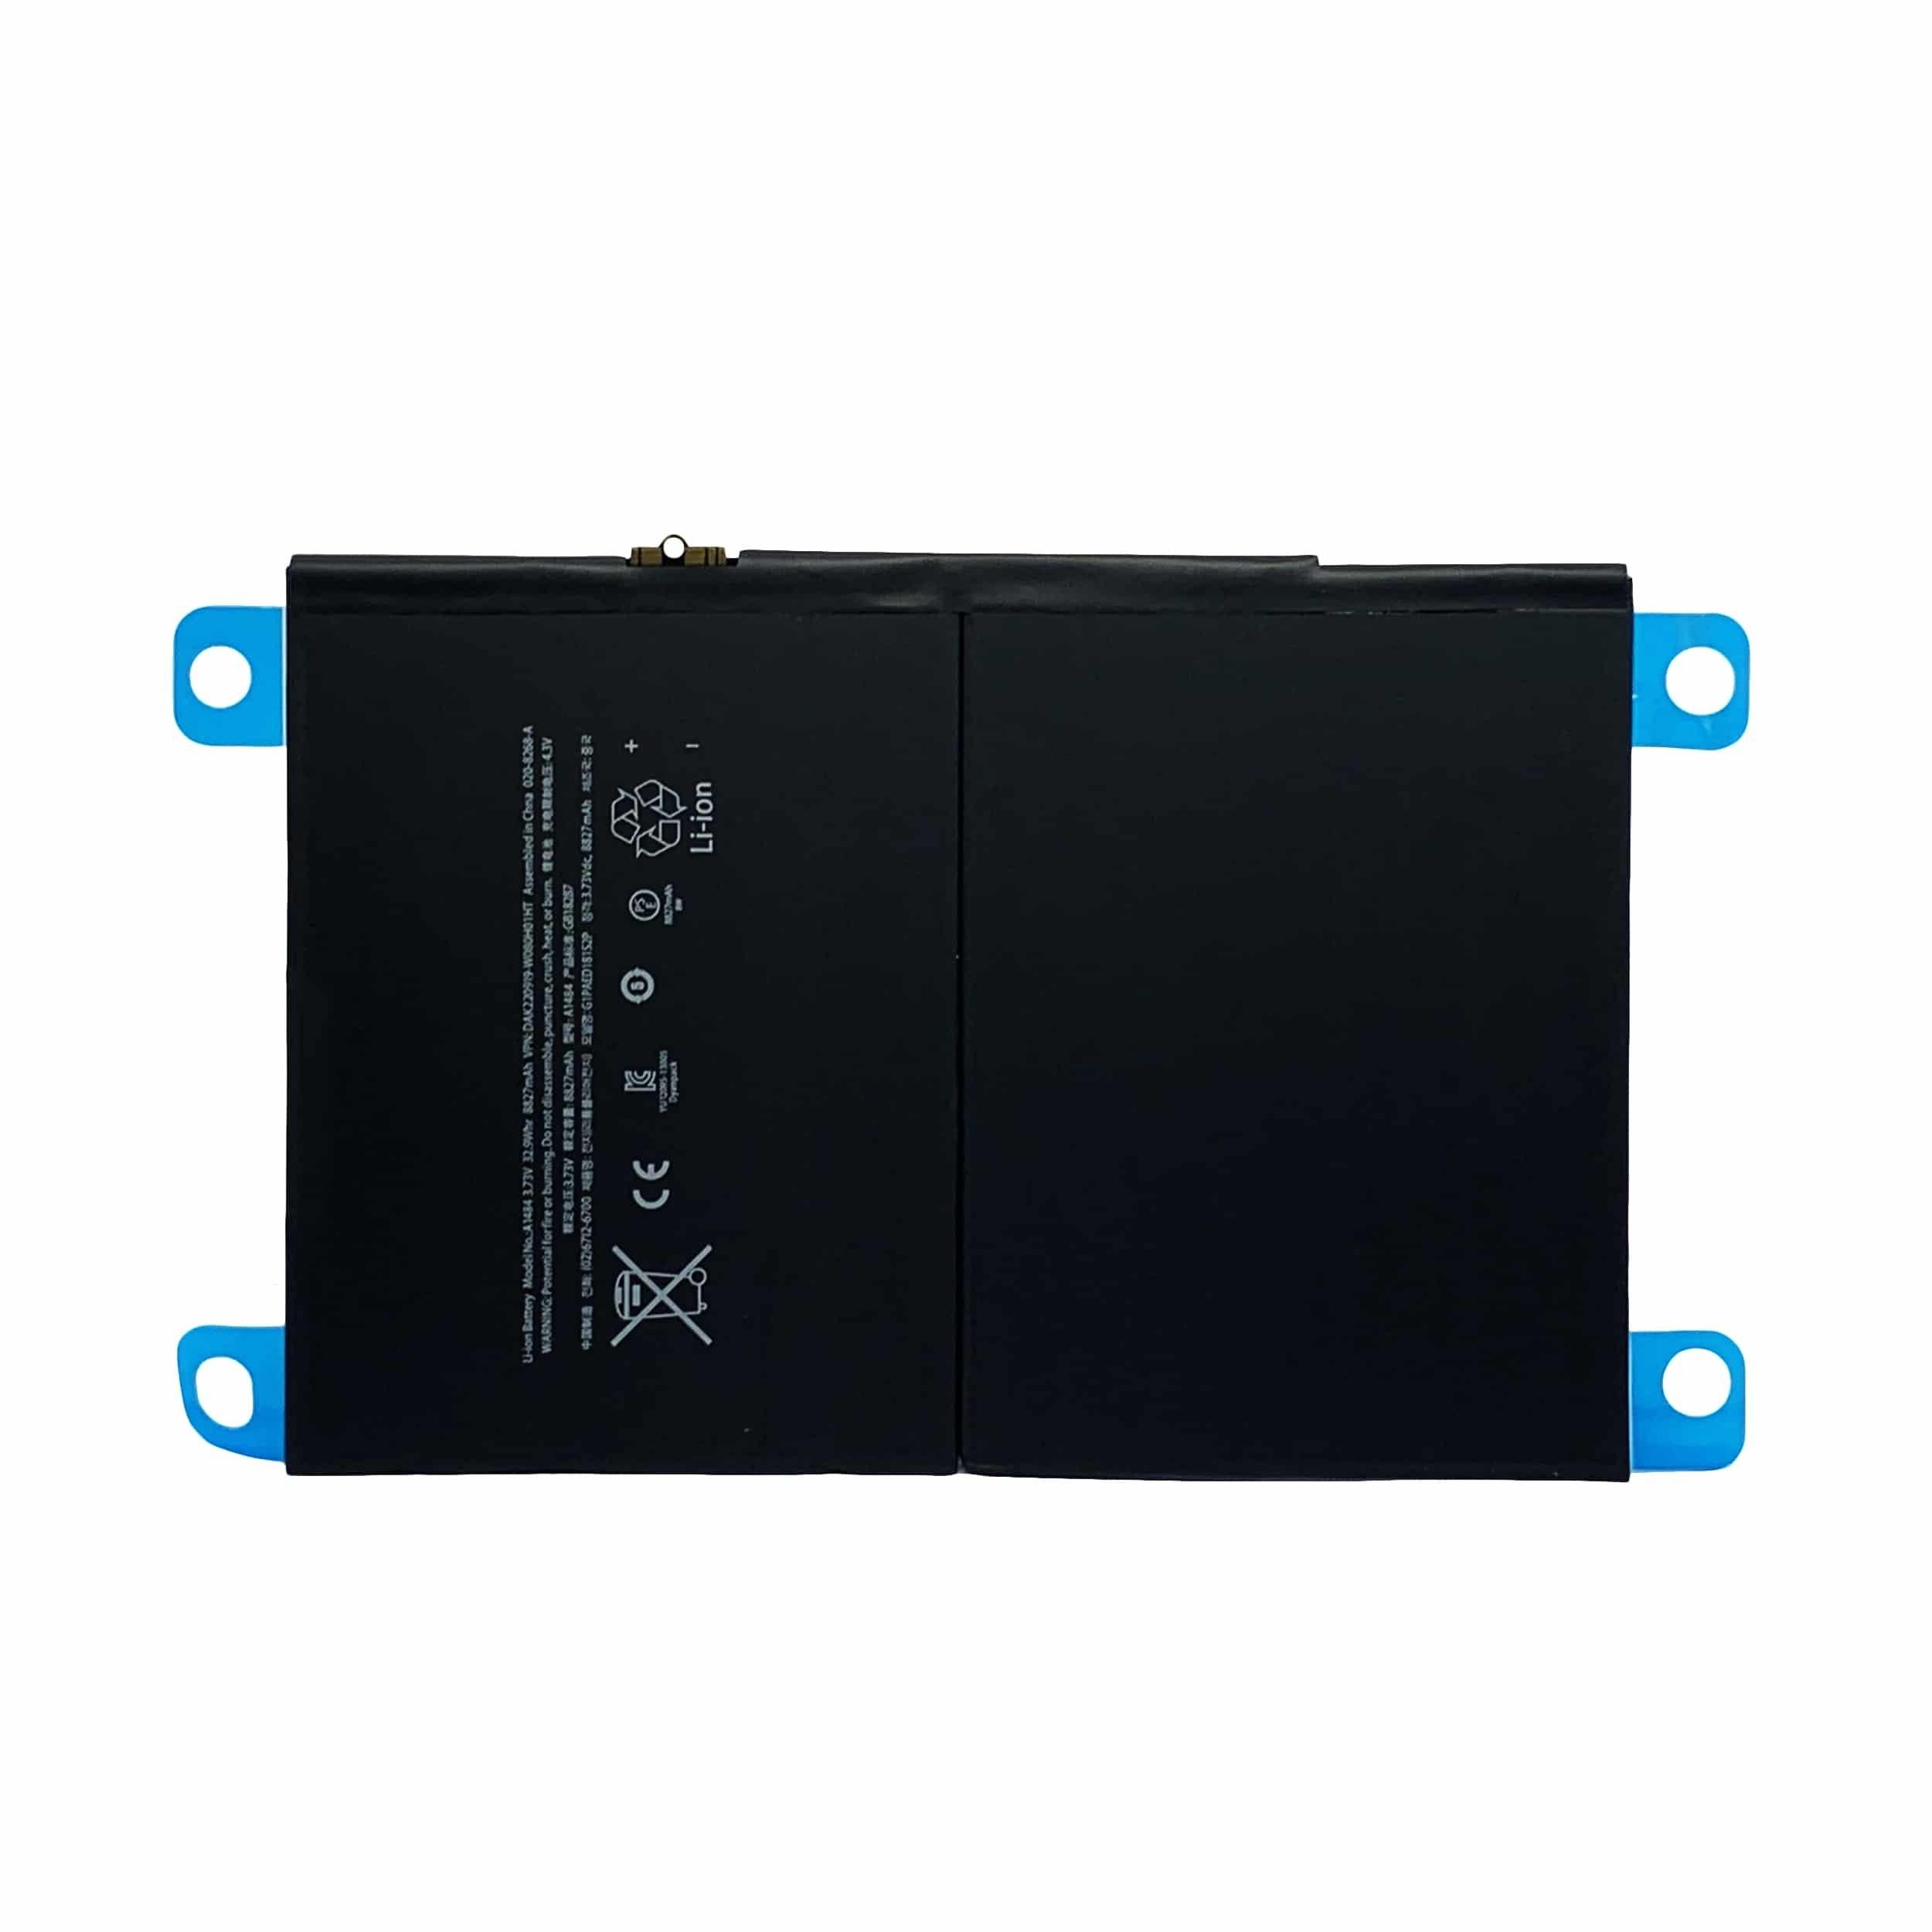 تصویر باتری آیپد Ipad Air 1 با کد فنی A1484